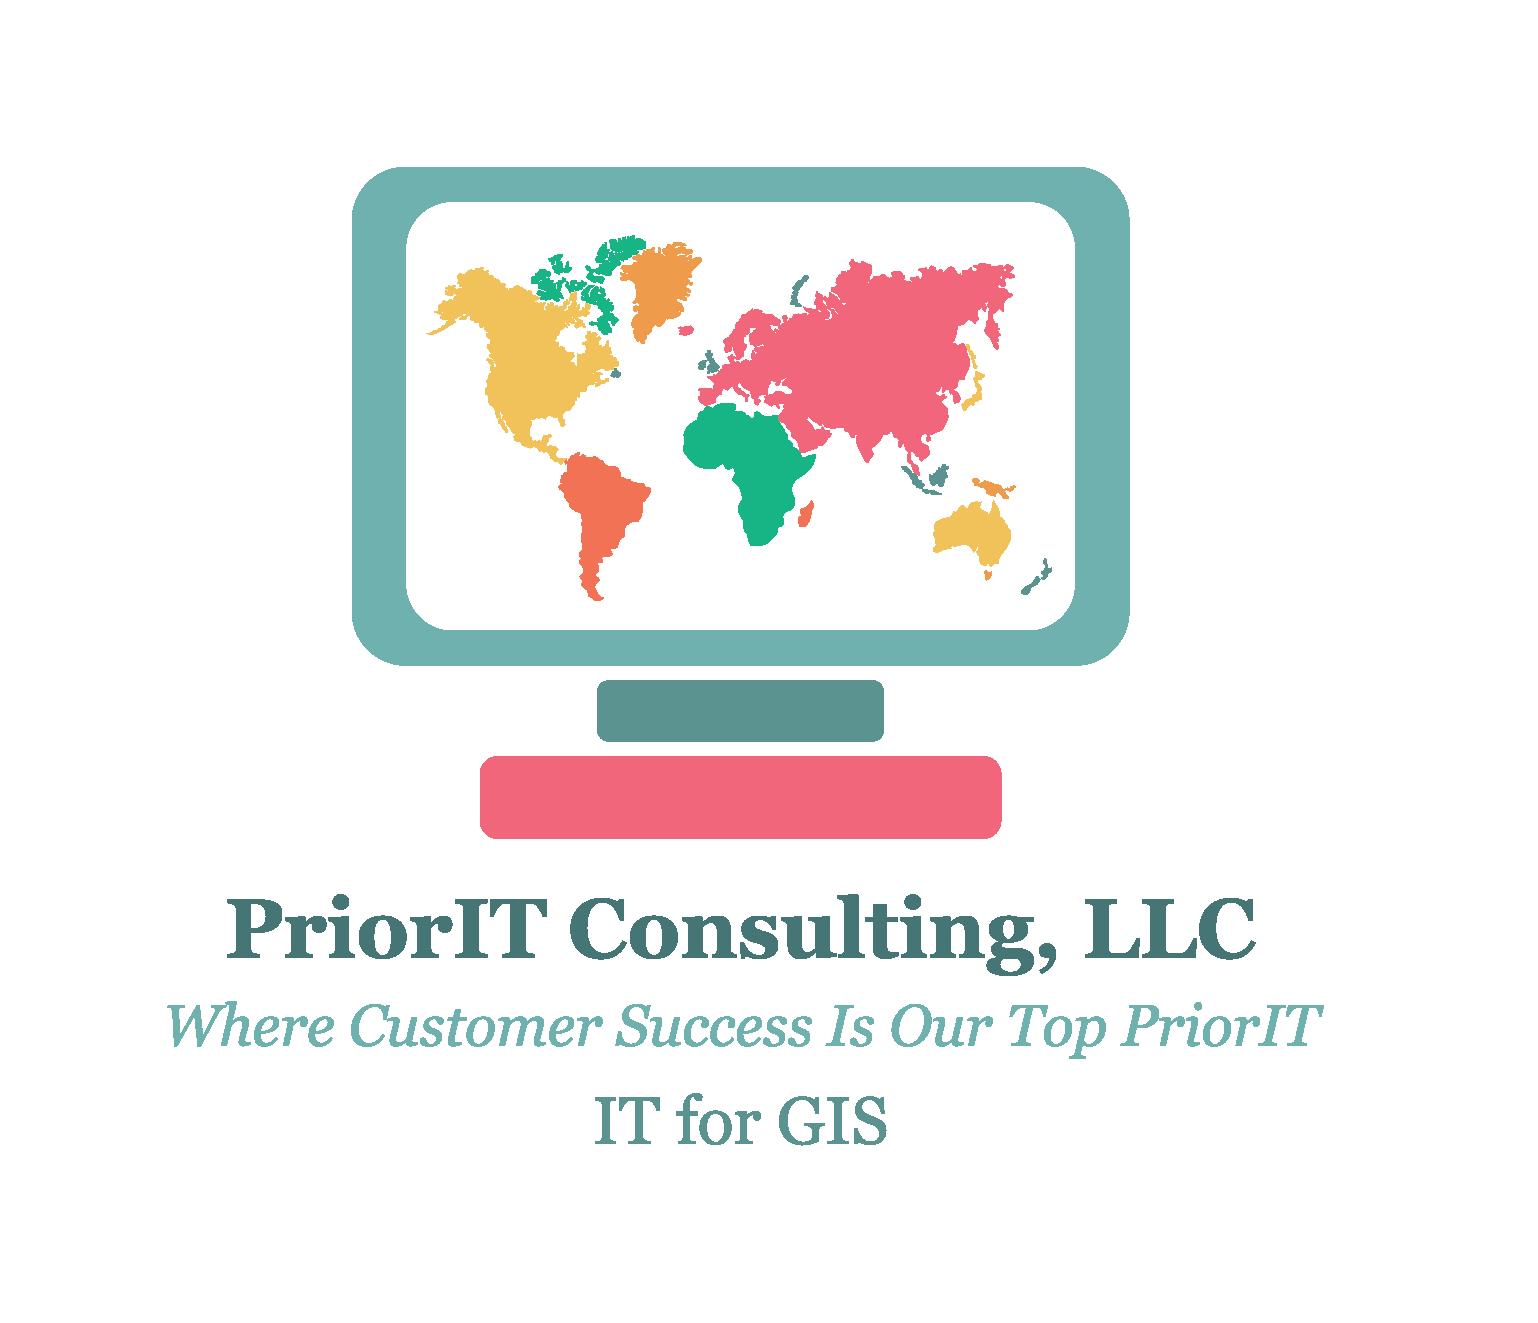 PriorIT Consulting, LLC